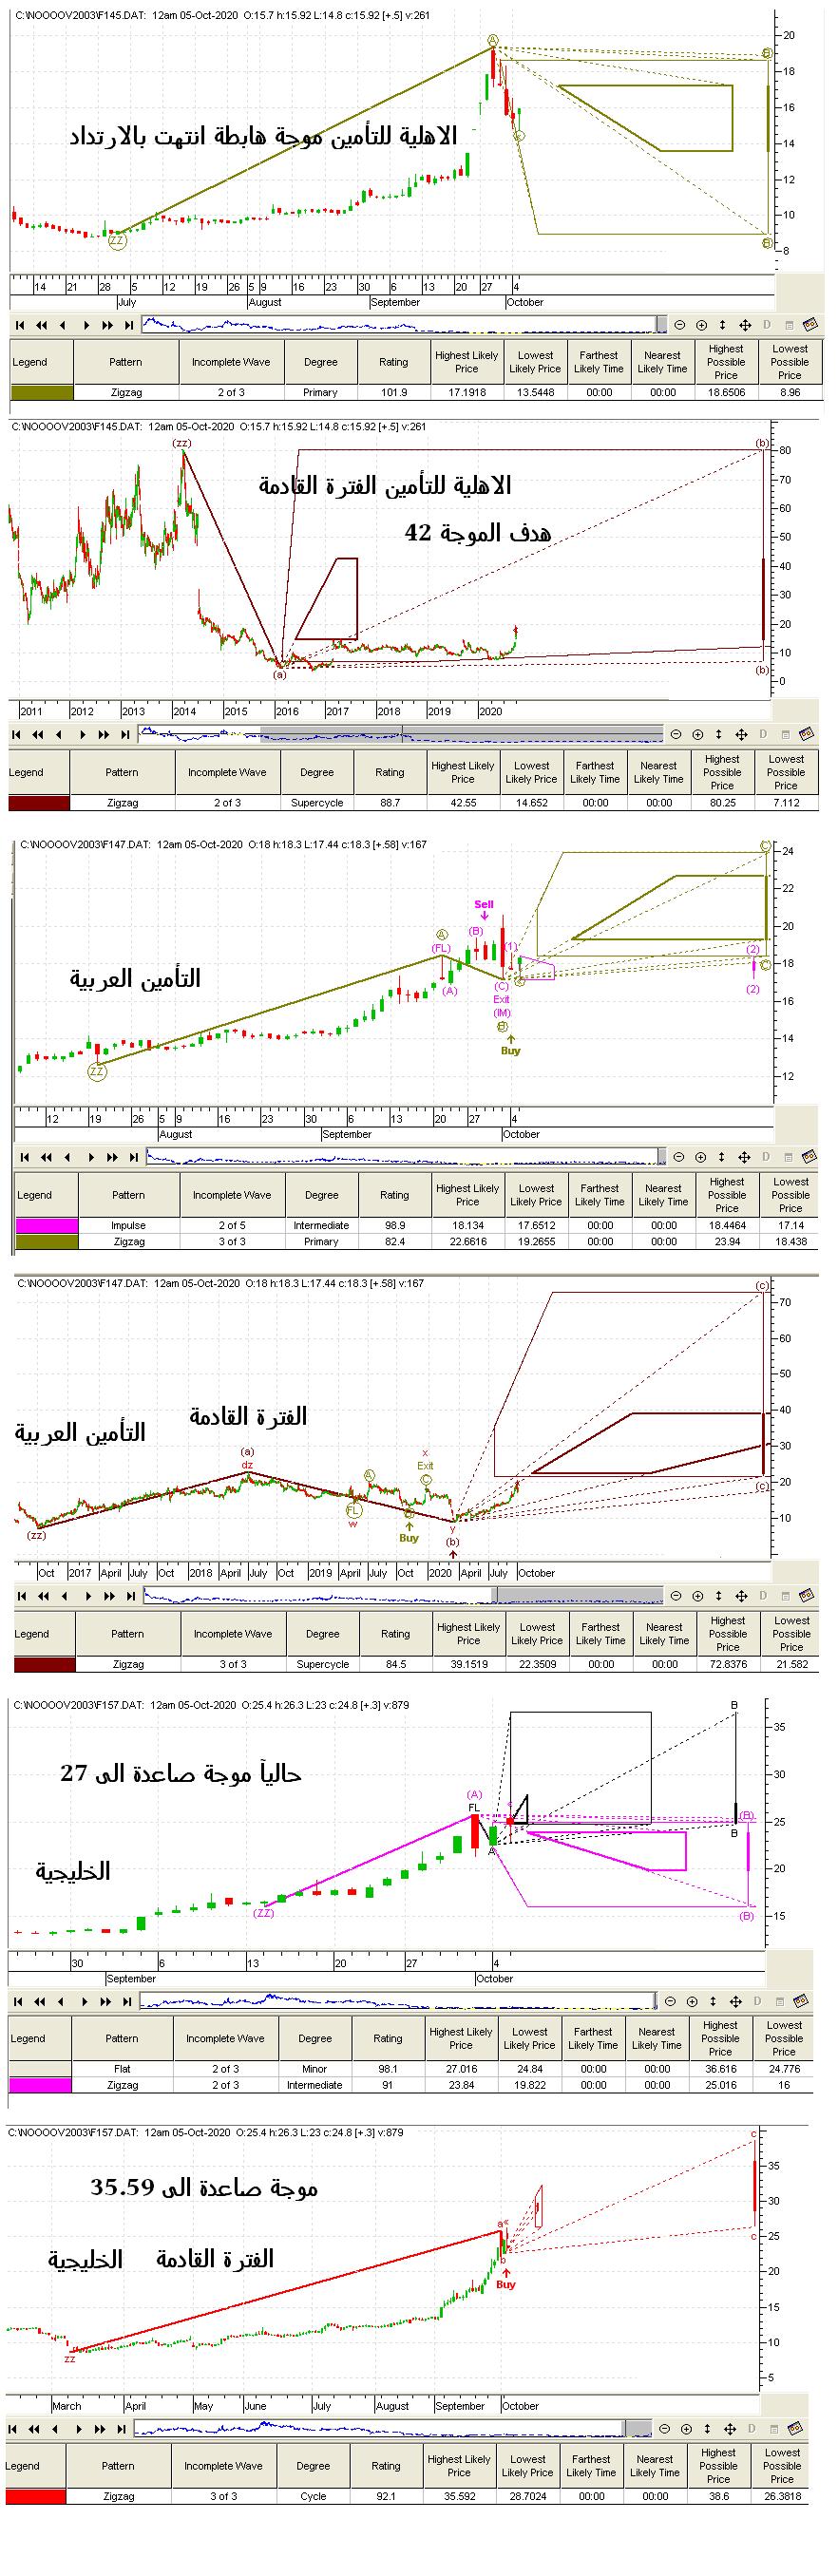 تحليل الاهلية -- التأمين العربية -- الخليجية